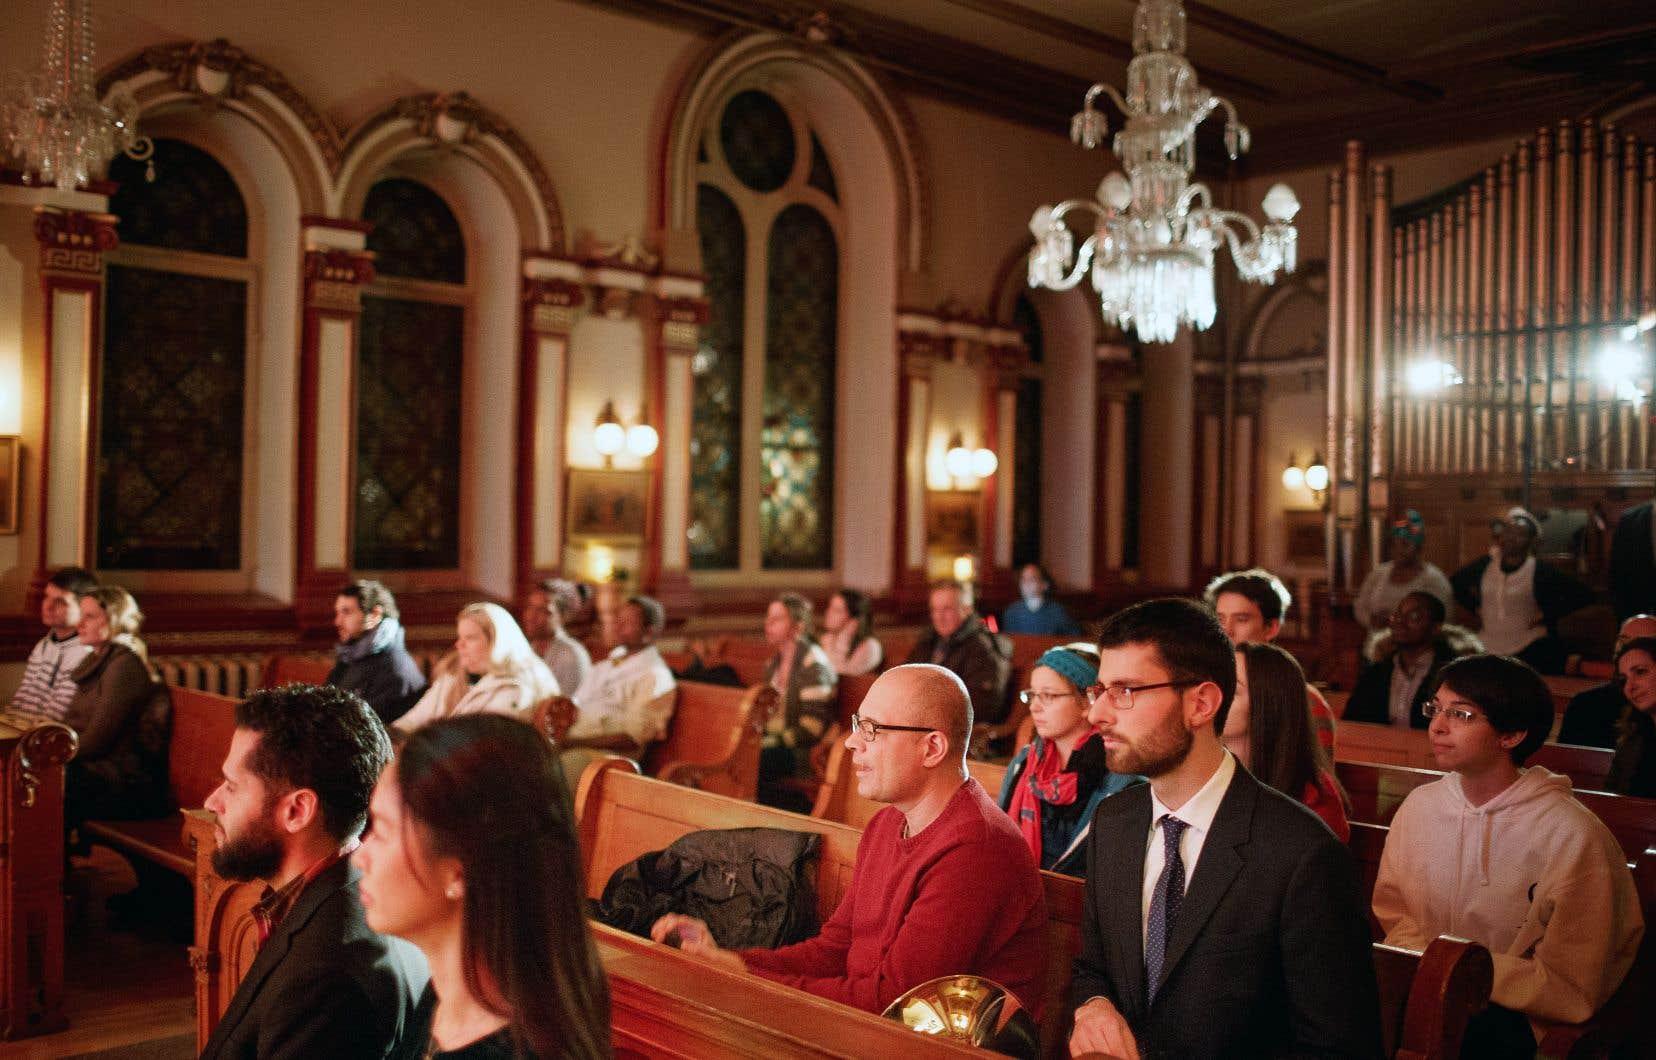 Ce n'est pas la première fois que l'église attire autant de millénariaux. S'ils restent minoritaires, plusieurs jeunes Québécois renouent avec la religion catholique.